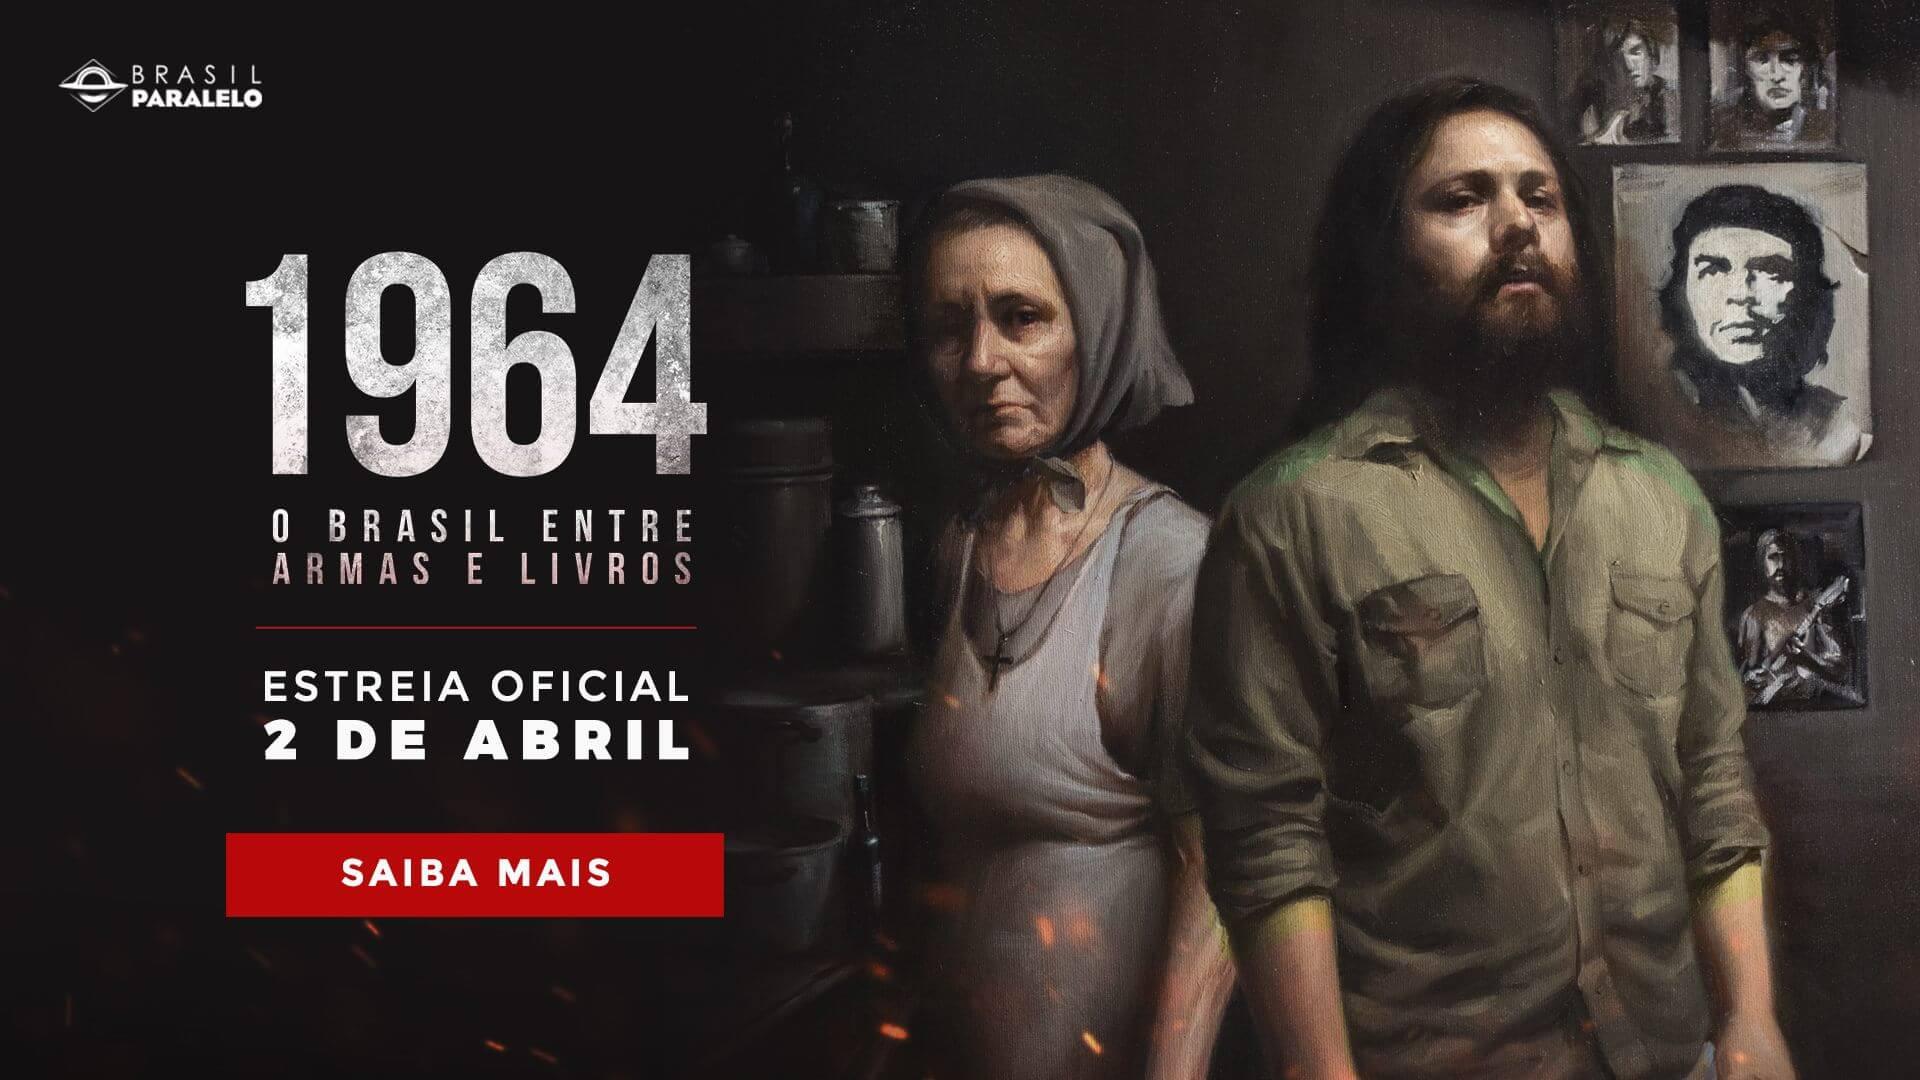 Brasil Paralelo - 1964: O Brasil entre armas e livros